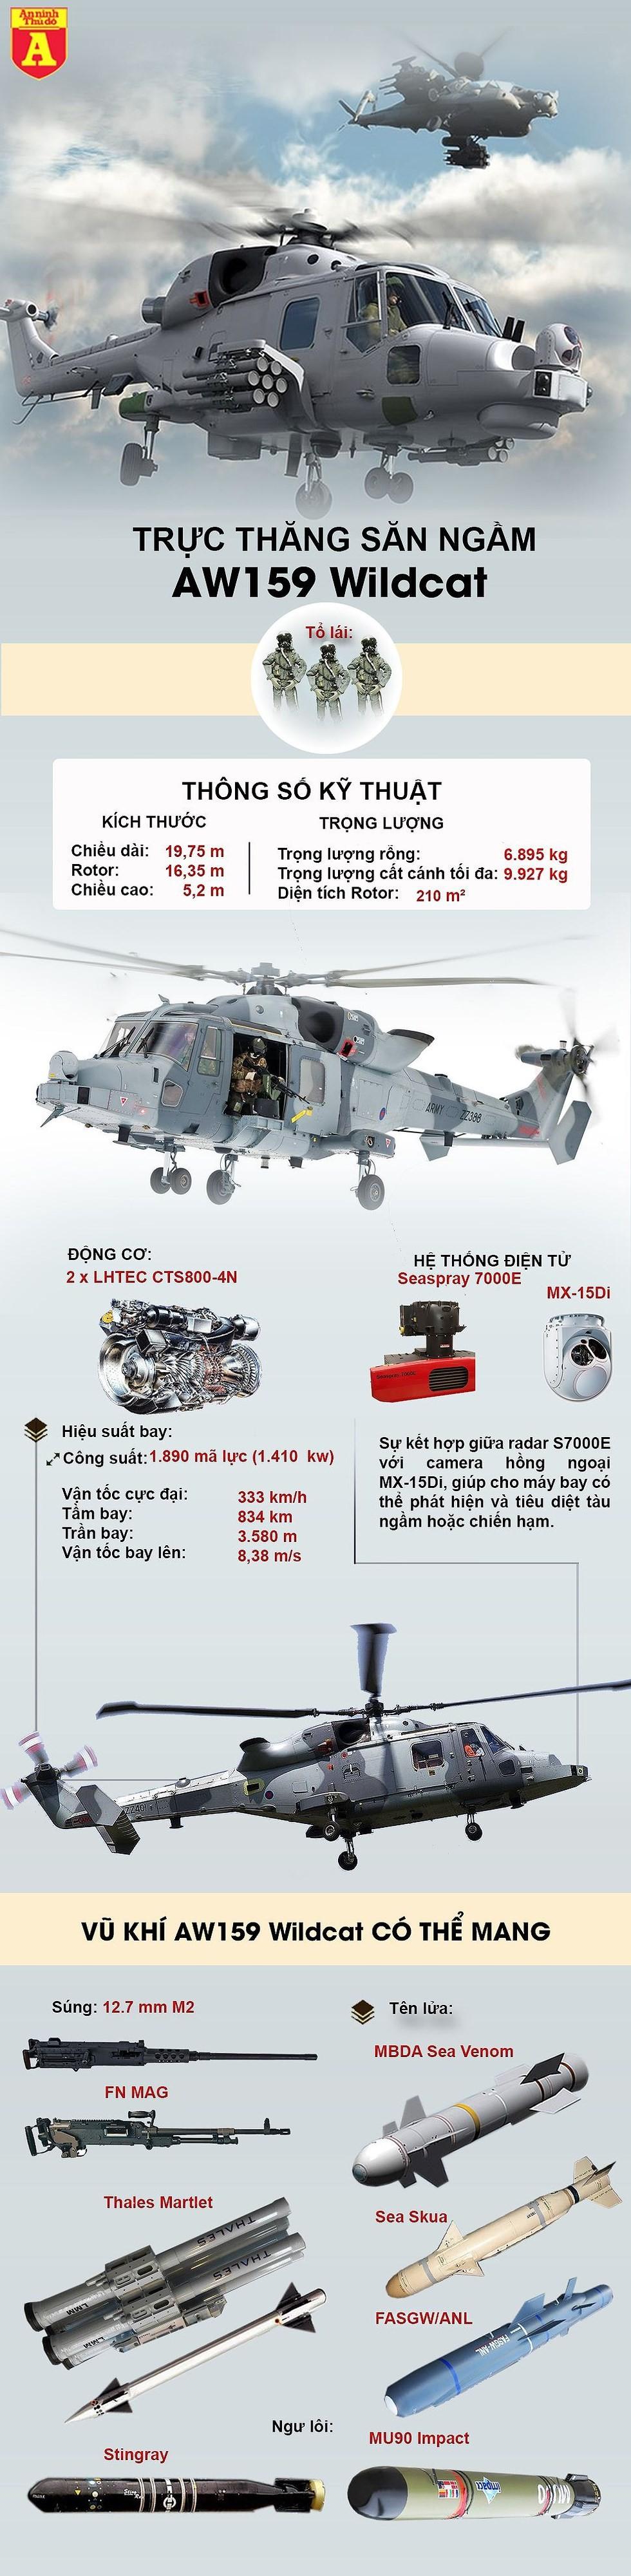 [Info] Bất ngờ khi Philippines sở hữu trực thăng săn ngầm hiện đại nhất Đông Nam Á ảnh 2